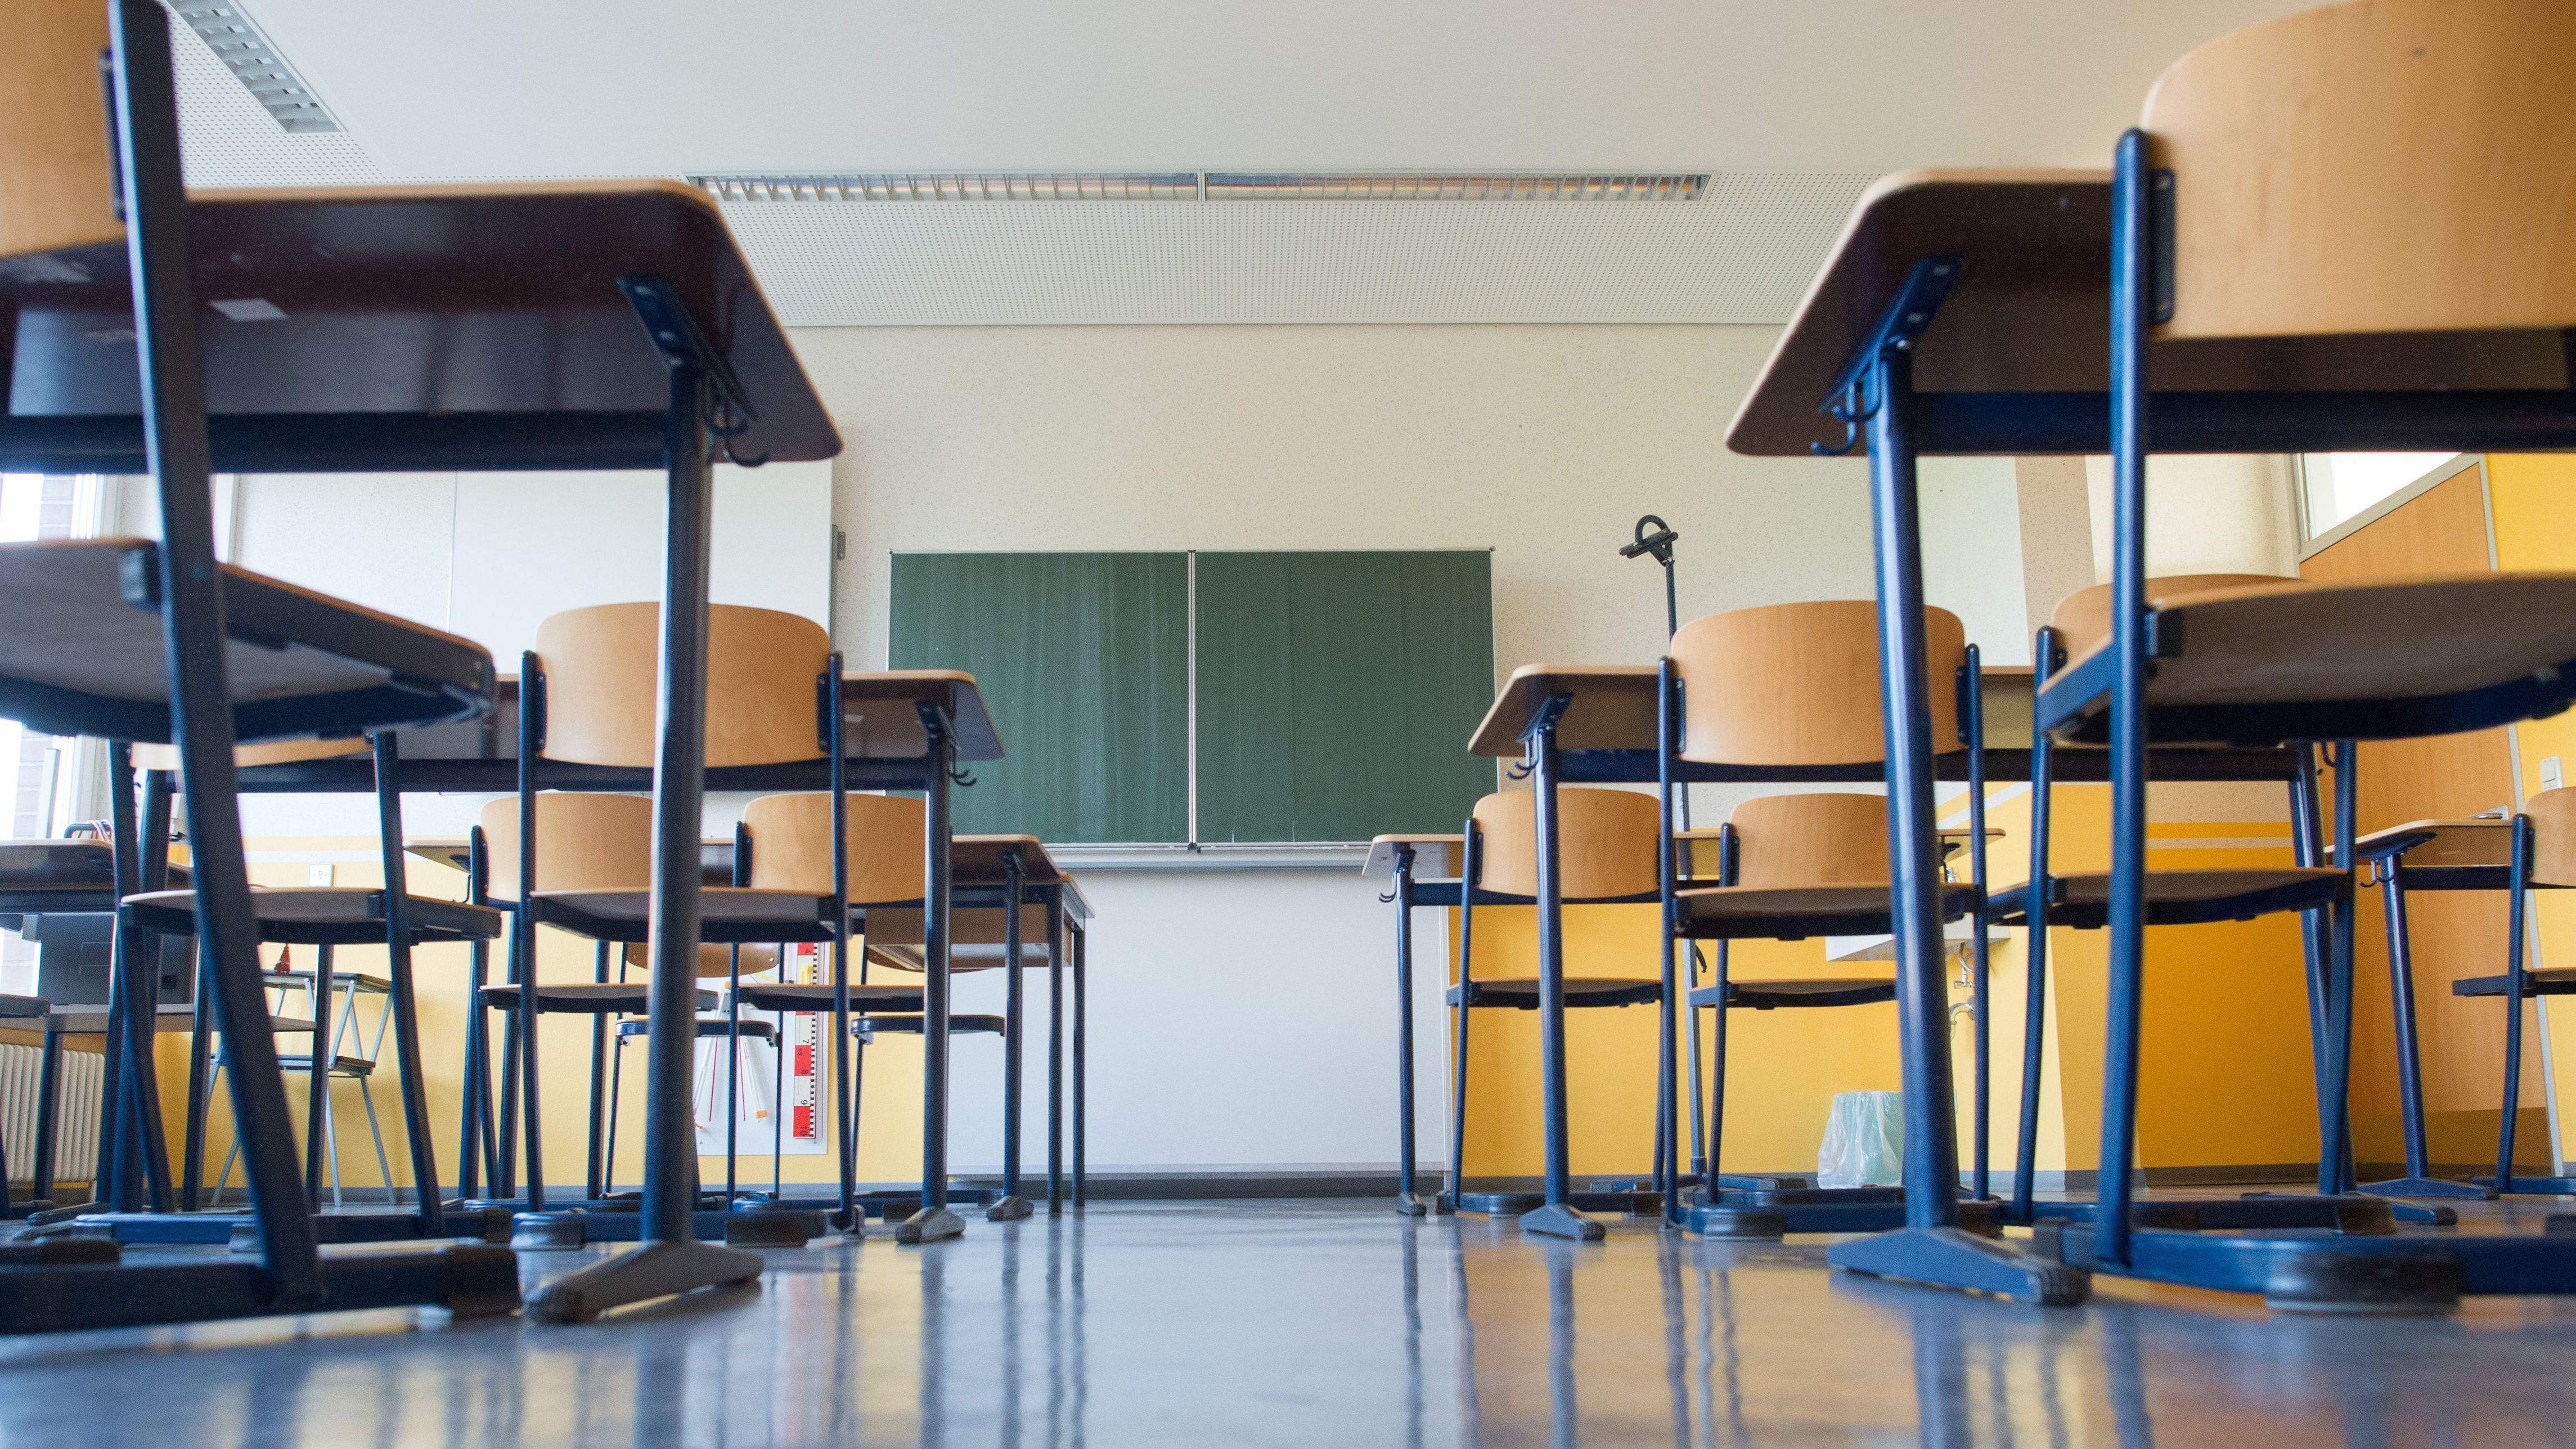 Symbolbild Lehrermangel: Leeres Klassenzimmer